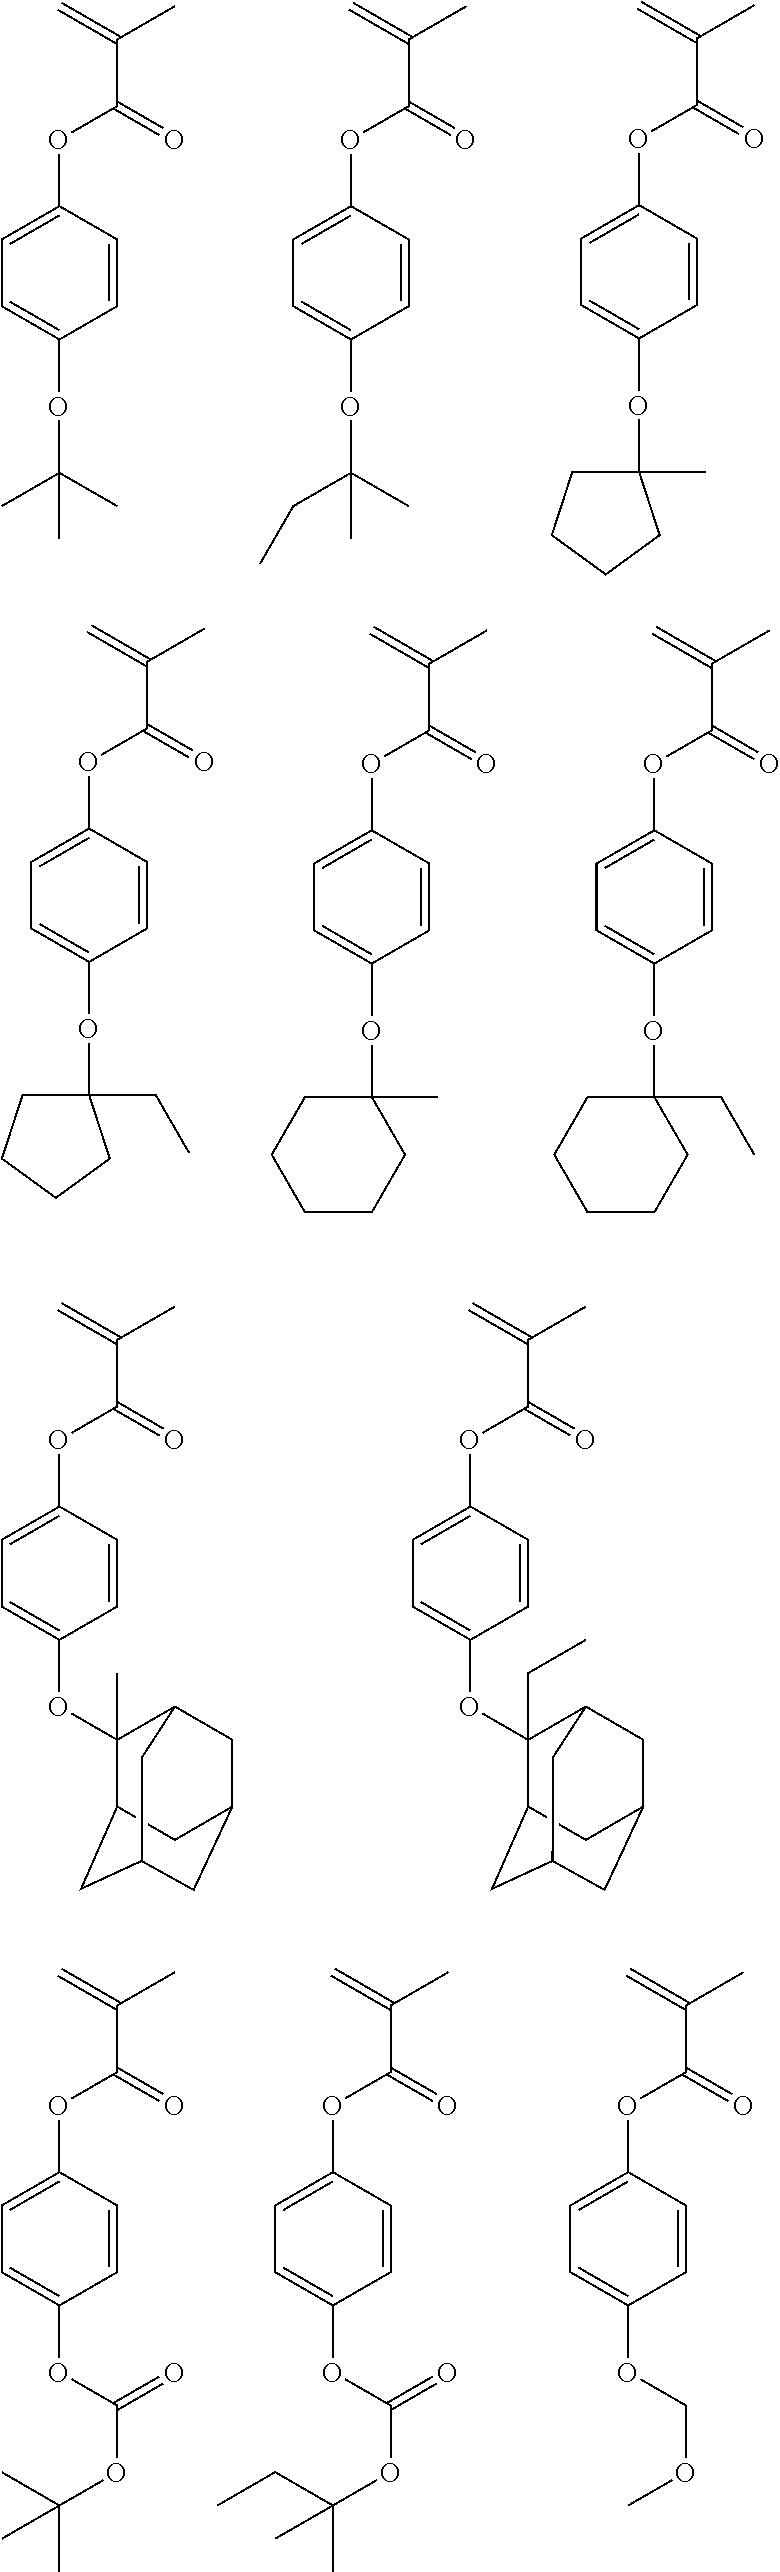 Figure US20110294070A1-20111201-C00011